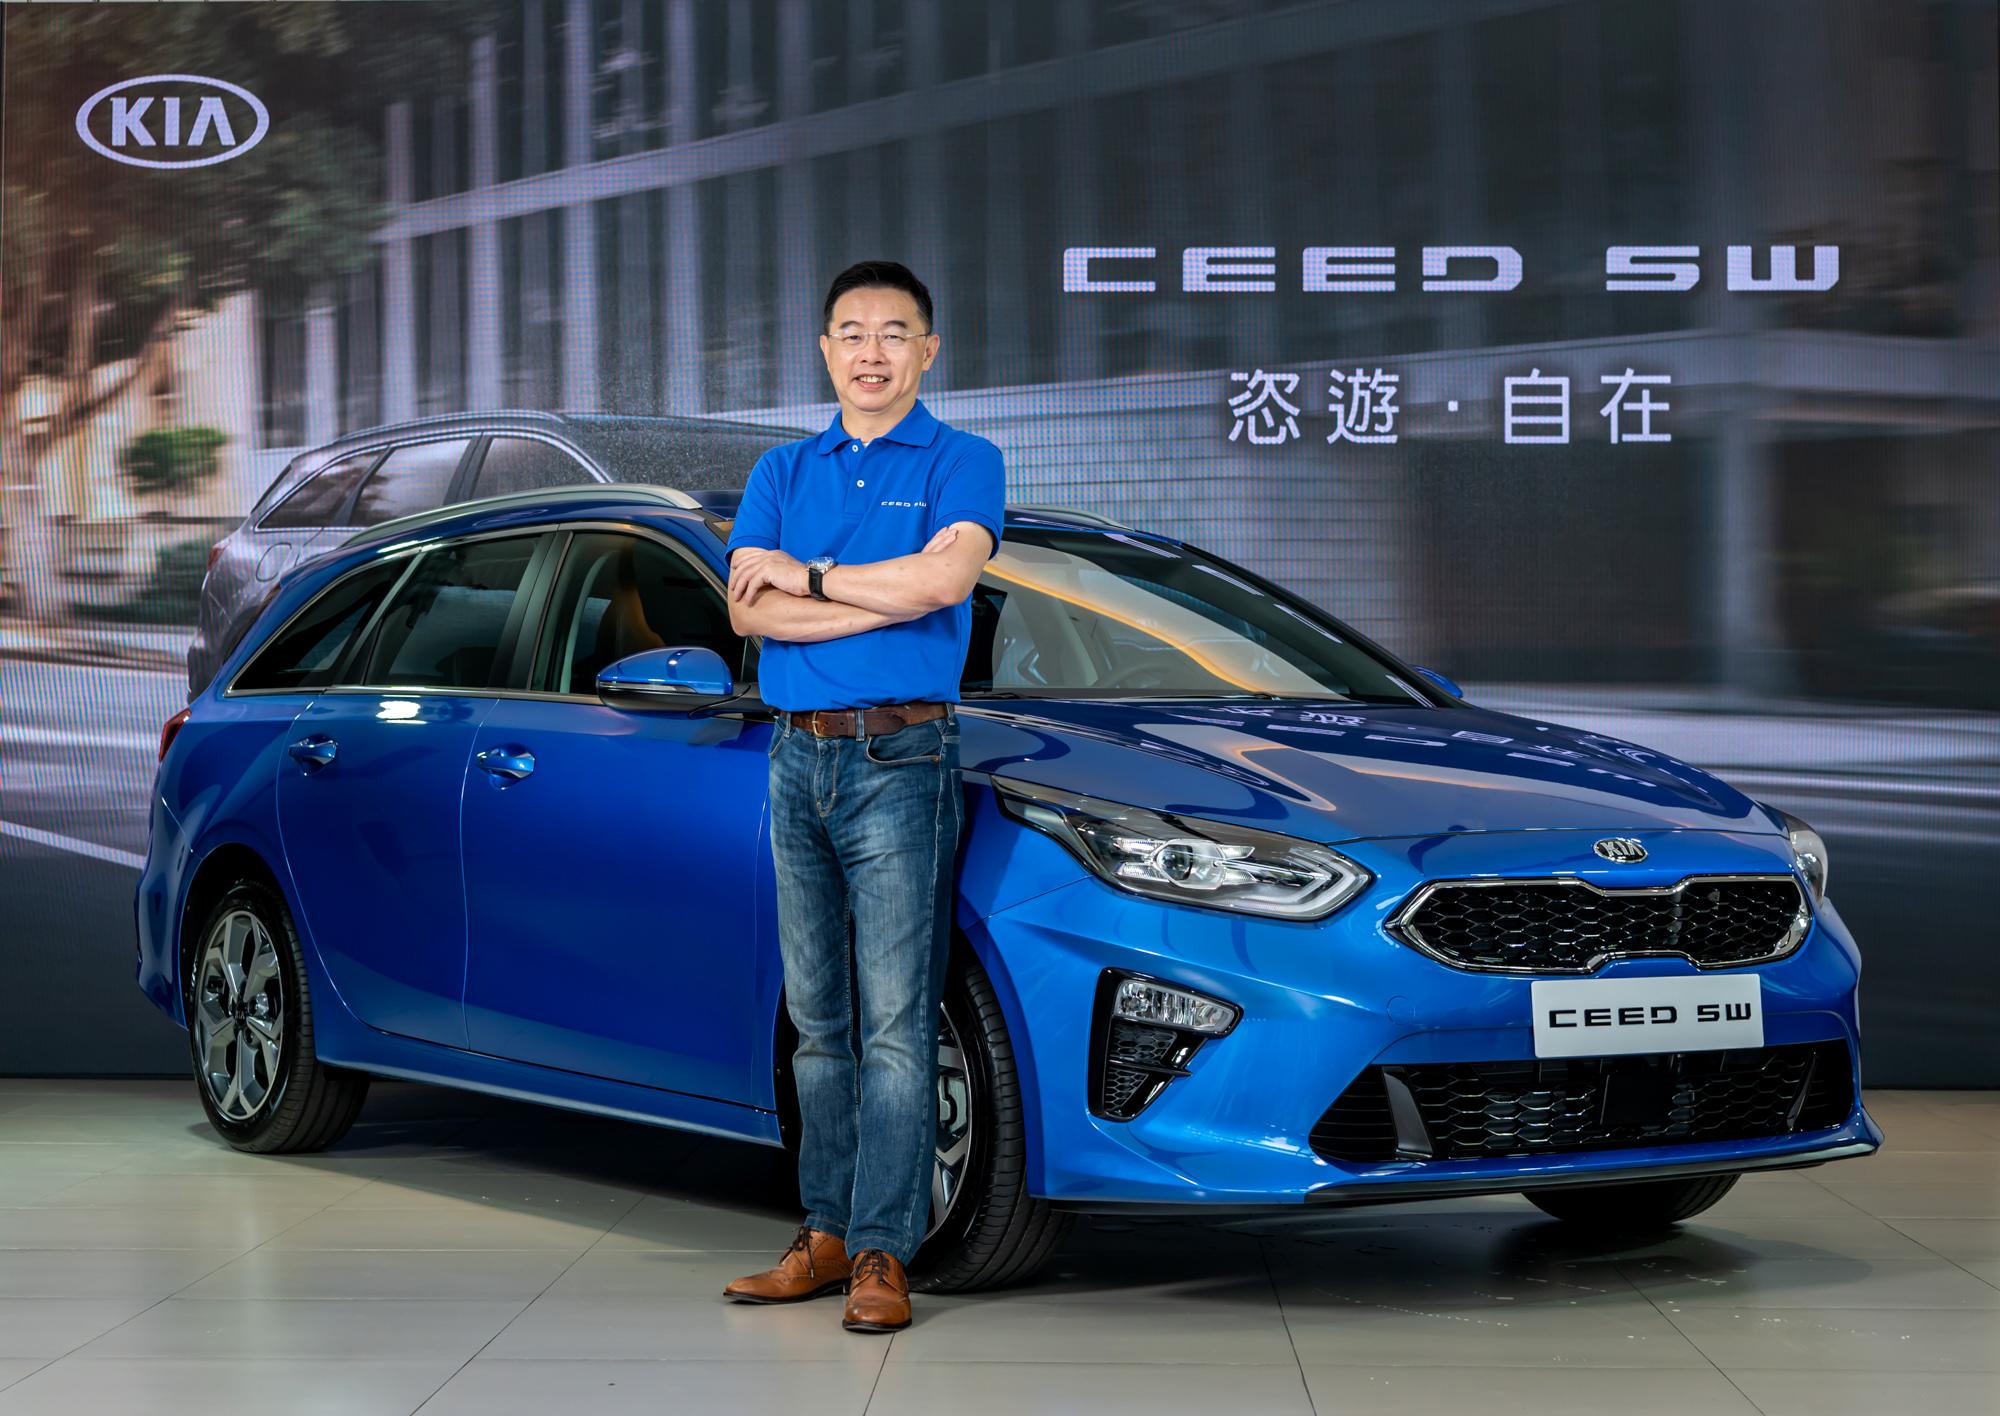 台灣森那美起亞總裁李昌益 Kia Ceed Sportswagon 首批限量 100 台,以 109.8 萬元正式上市。